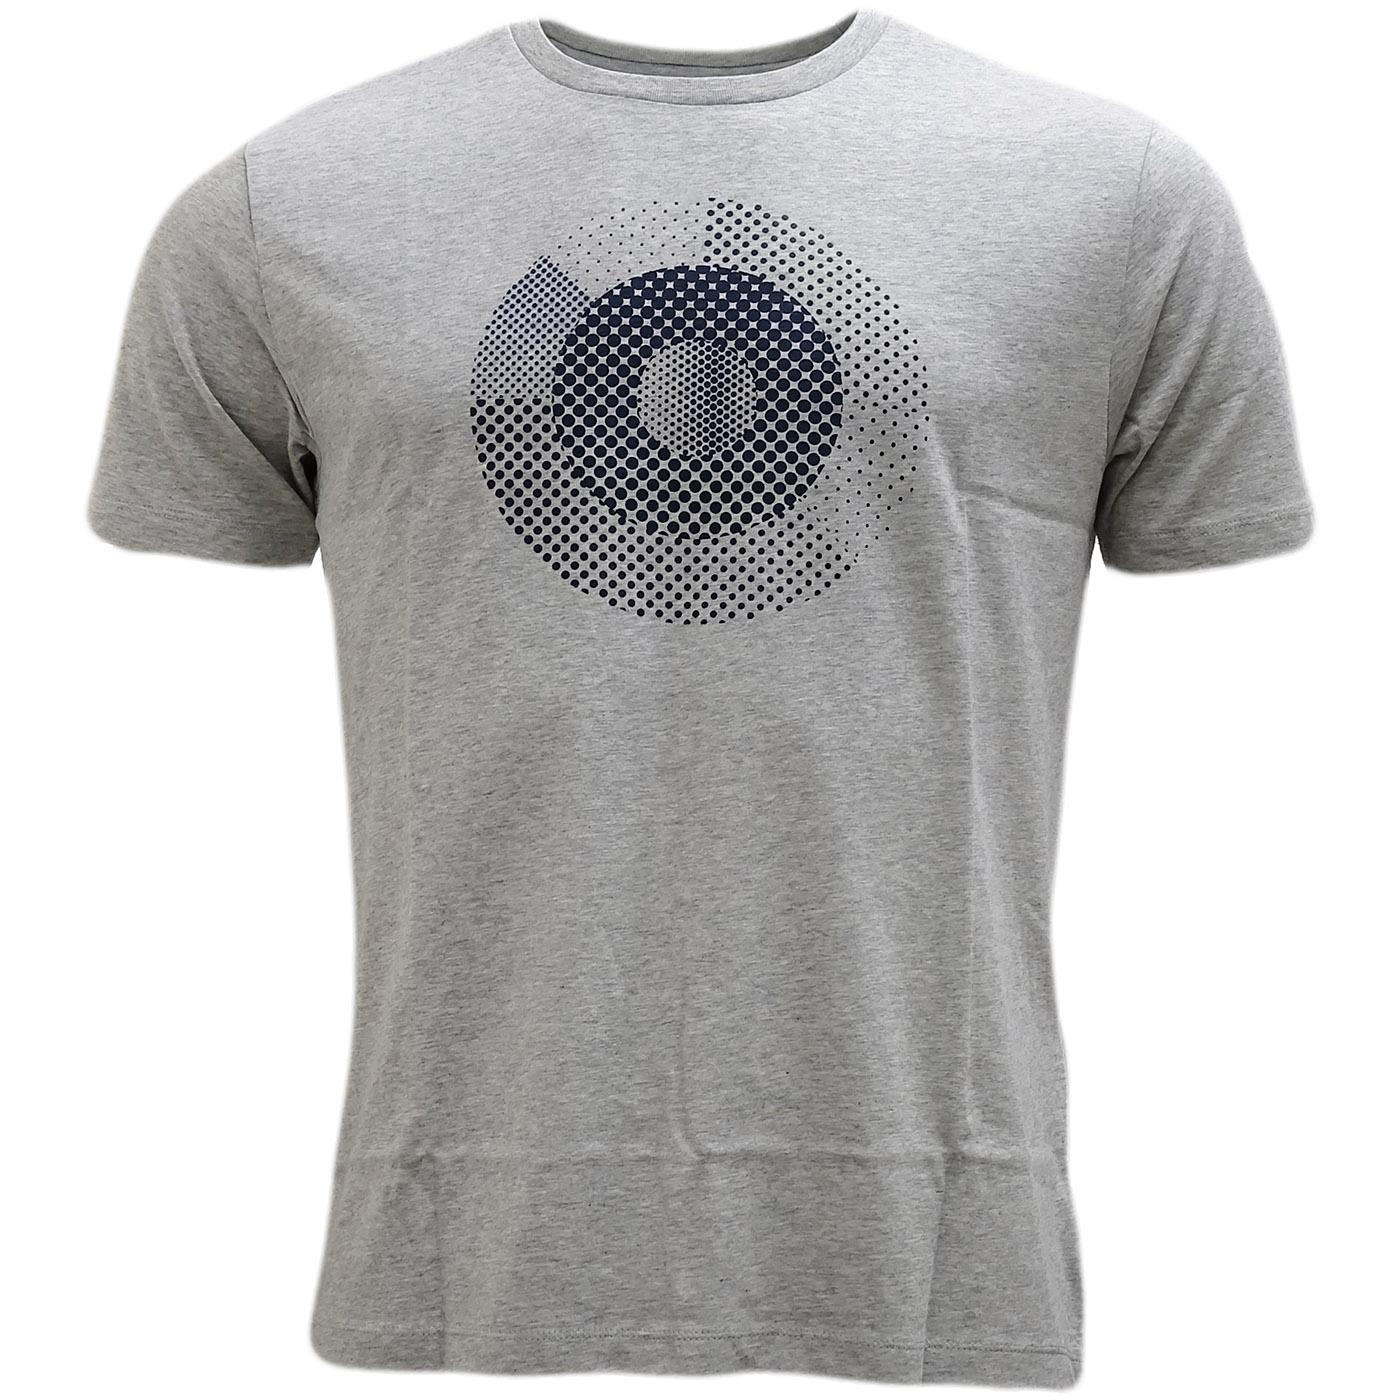 Ben Sherman Target T-Shirt - Mb13442